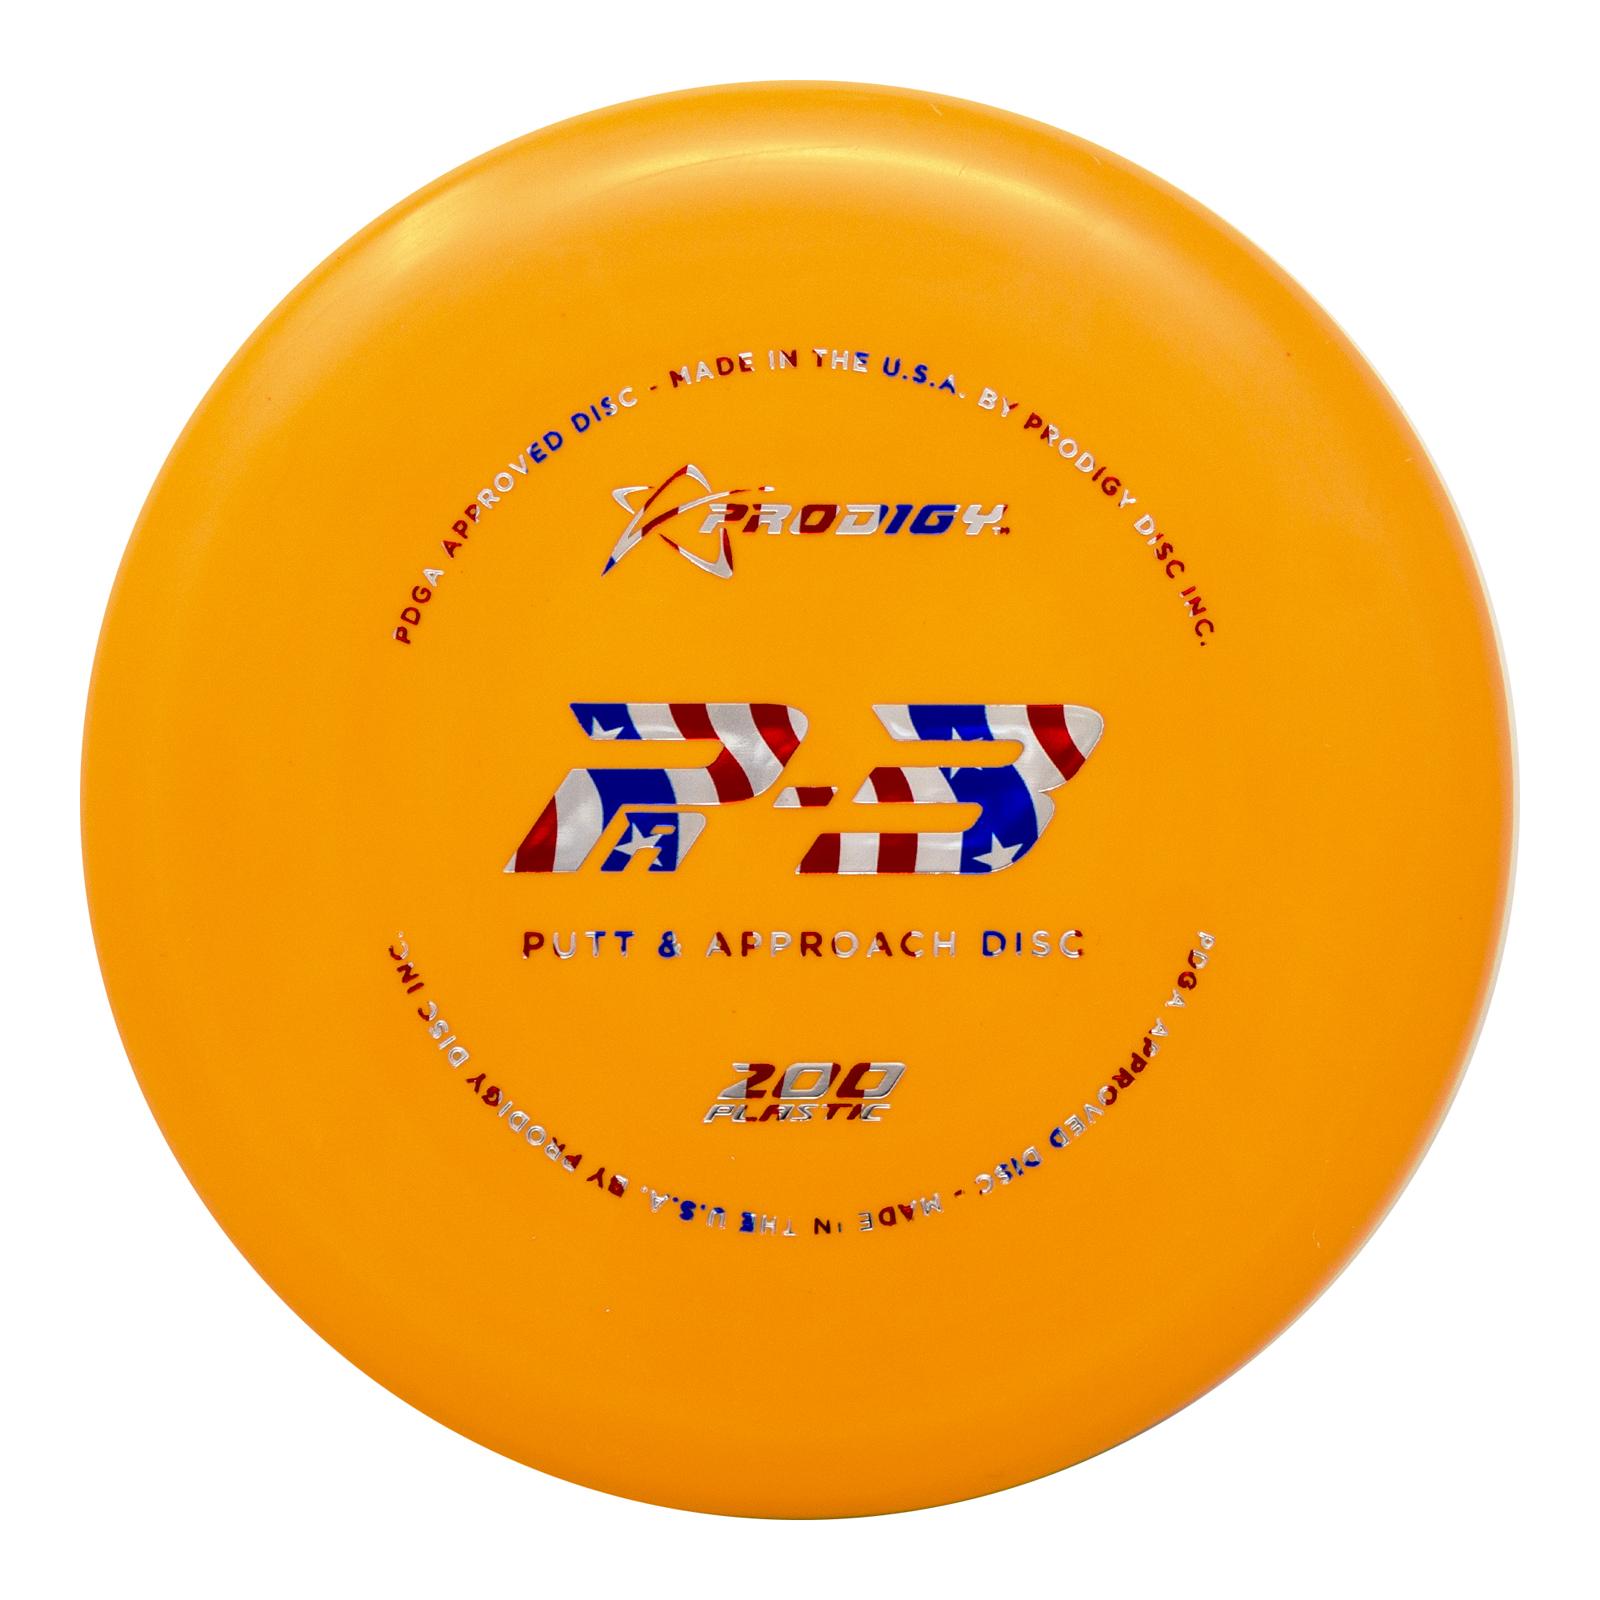 PA-3 - 200 PLASTIC